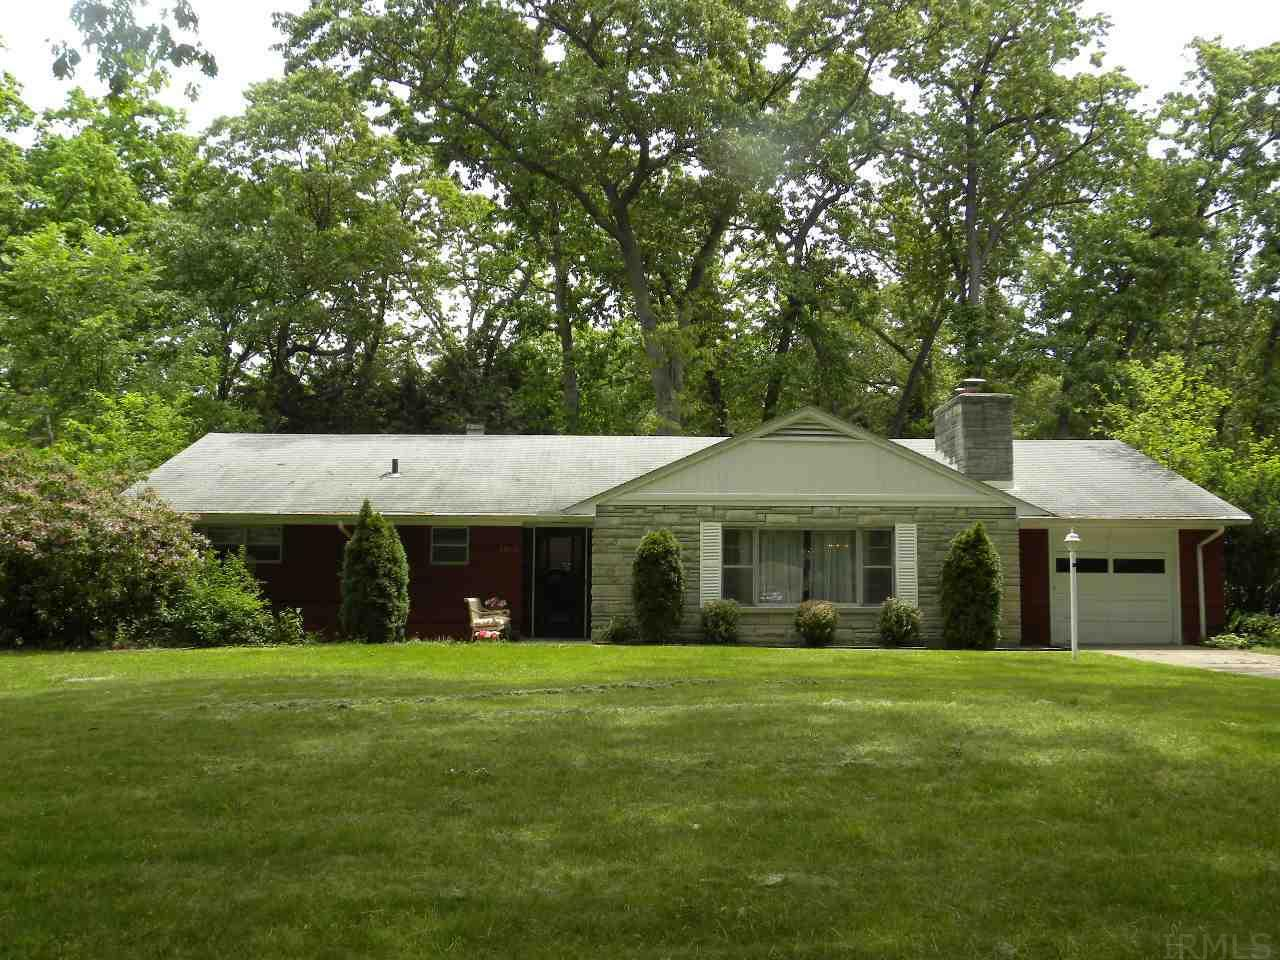 53160 Oakmont Central Dr, South Bend, IN 46637